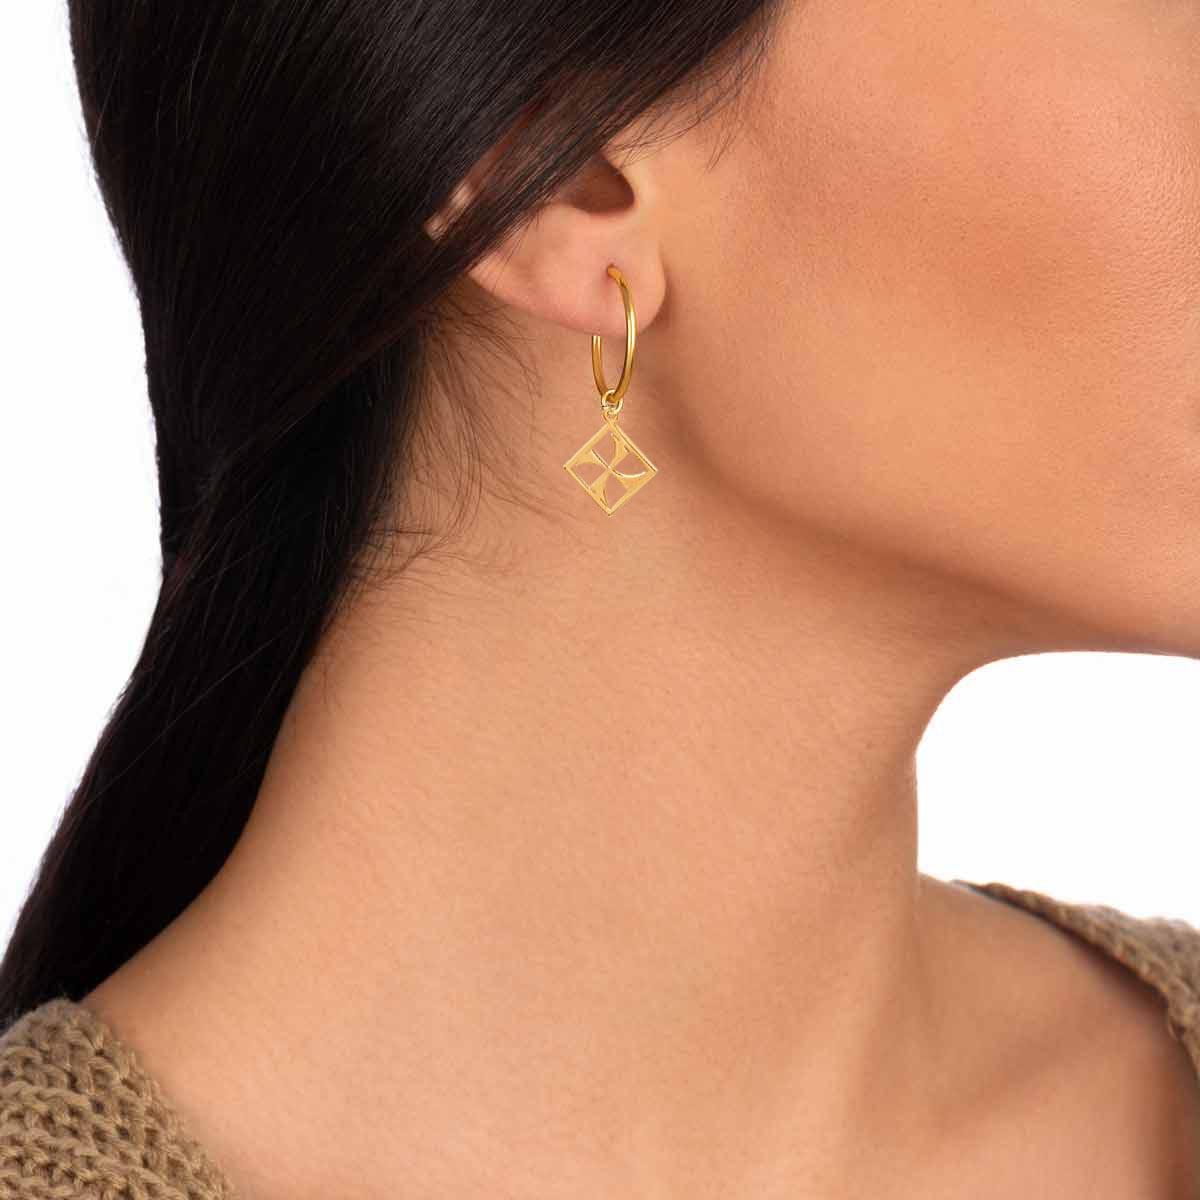 گوشواره طلا حلقه ای مهر